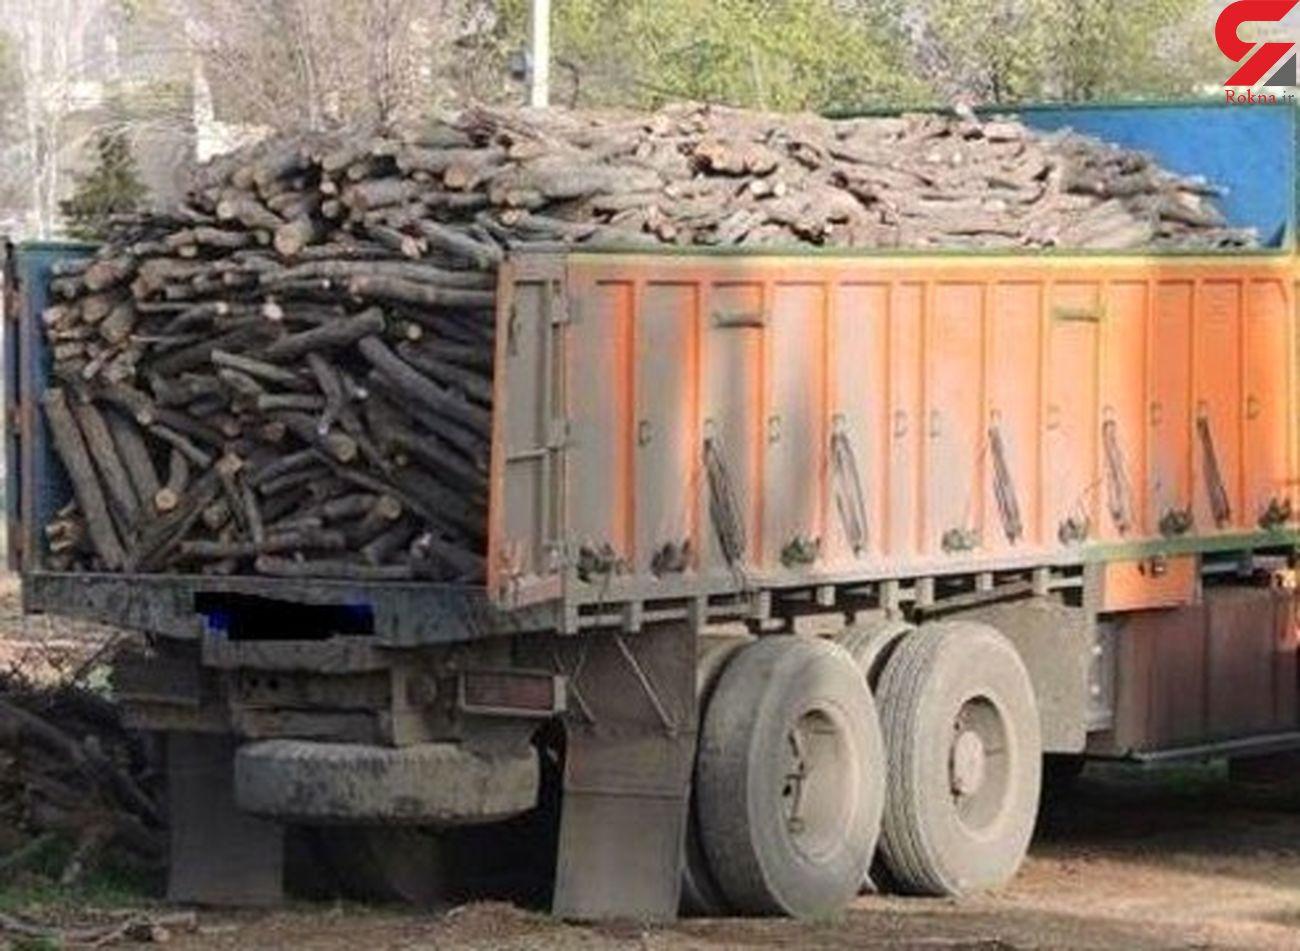 اشد مجازات درانتظار قاچاقچیان قطع و حمل چوب آلات جنگلی در گلستان